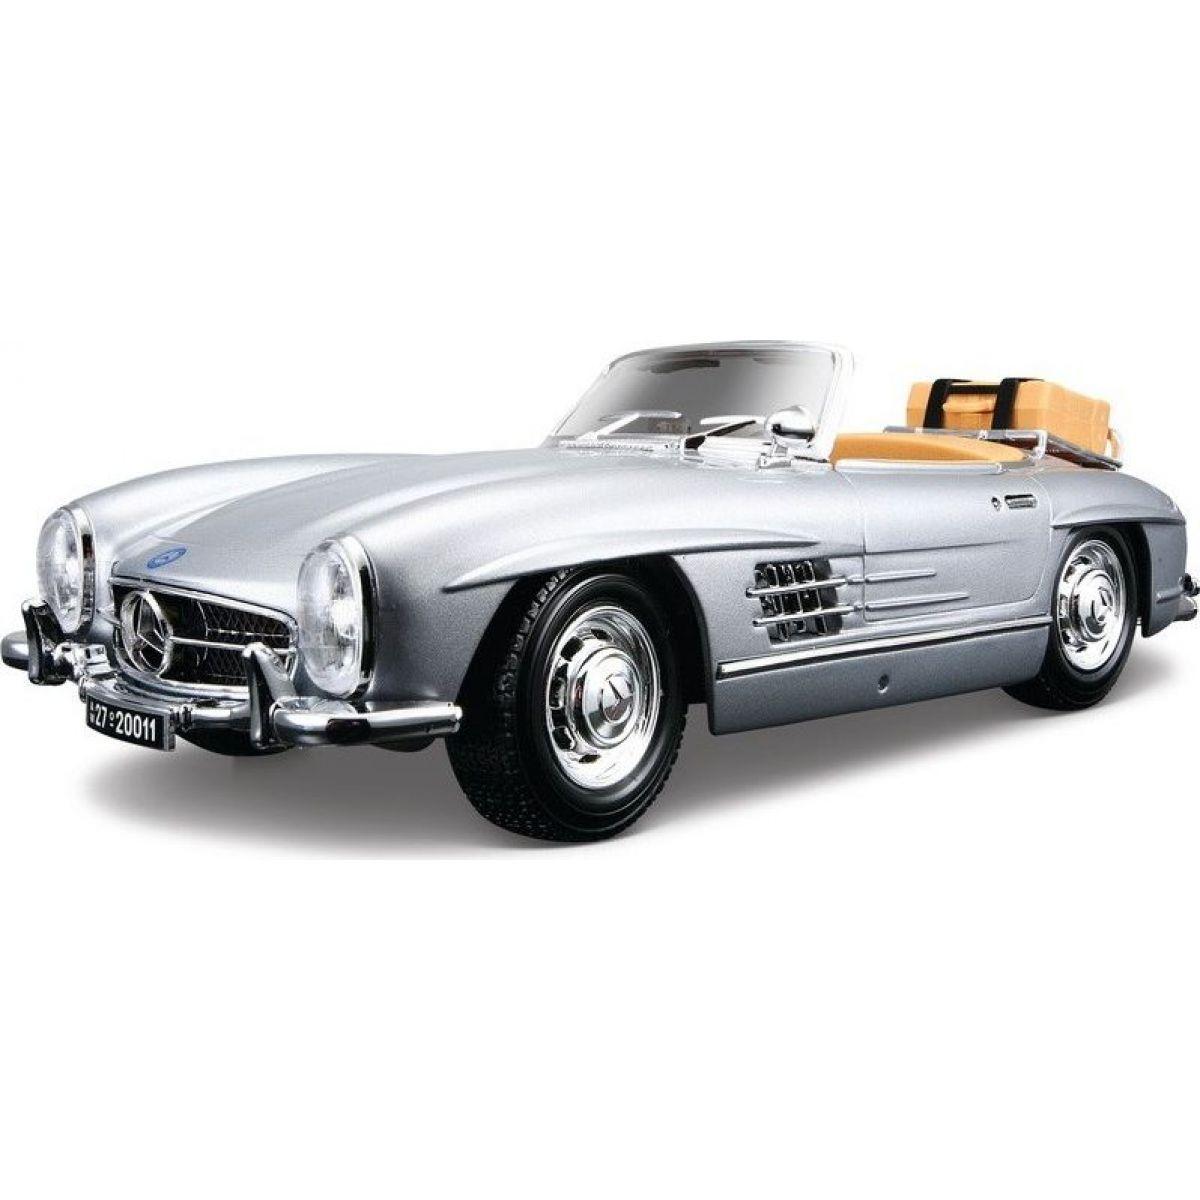 Bburago 1:18 Mercedes Benz 300 SL Touring 1957 Silver